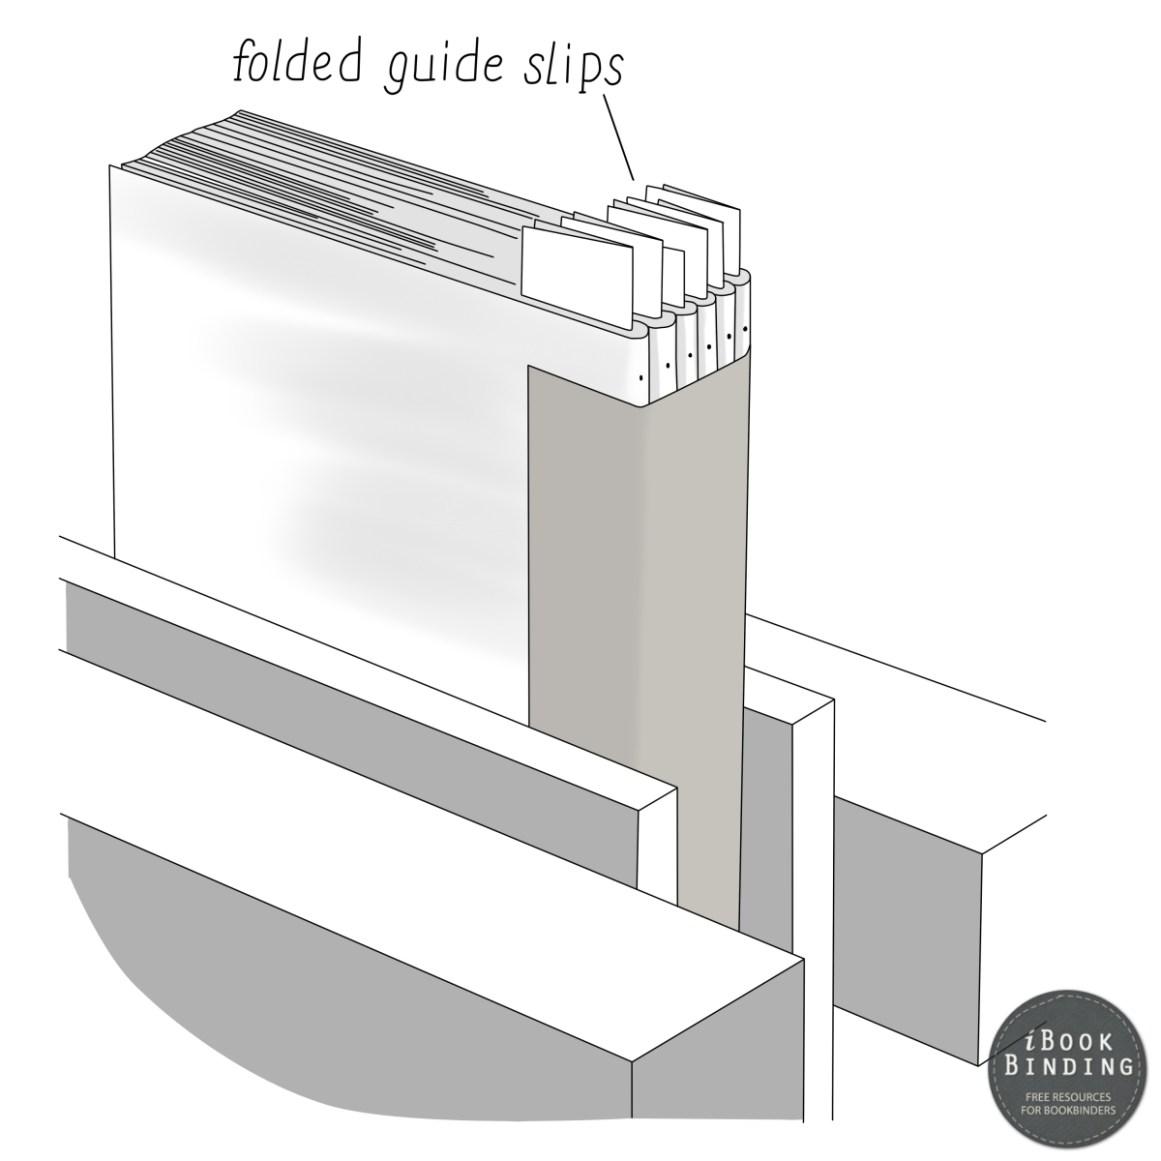 2017.04.20 - Figura 211 – Utilização de cartões dobrados para furar os cadernos